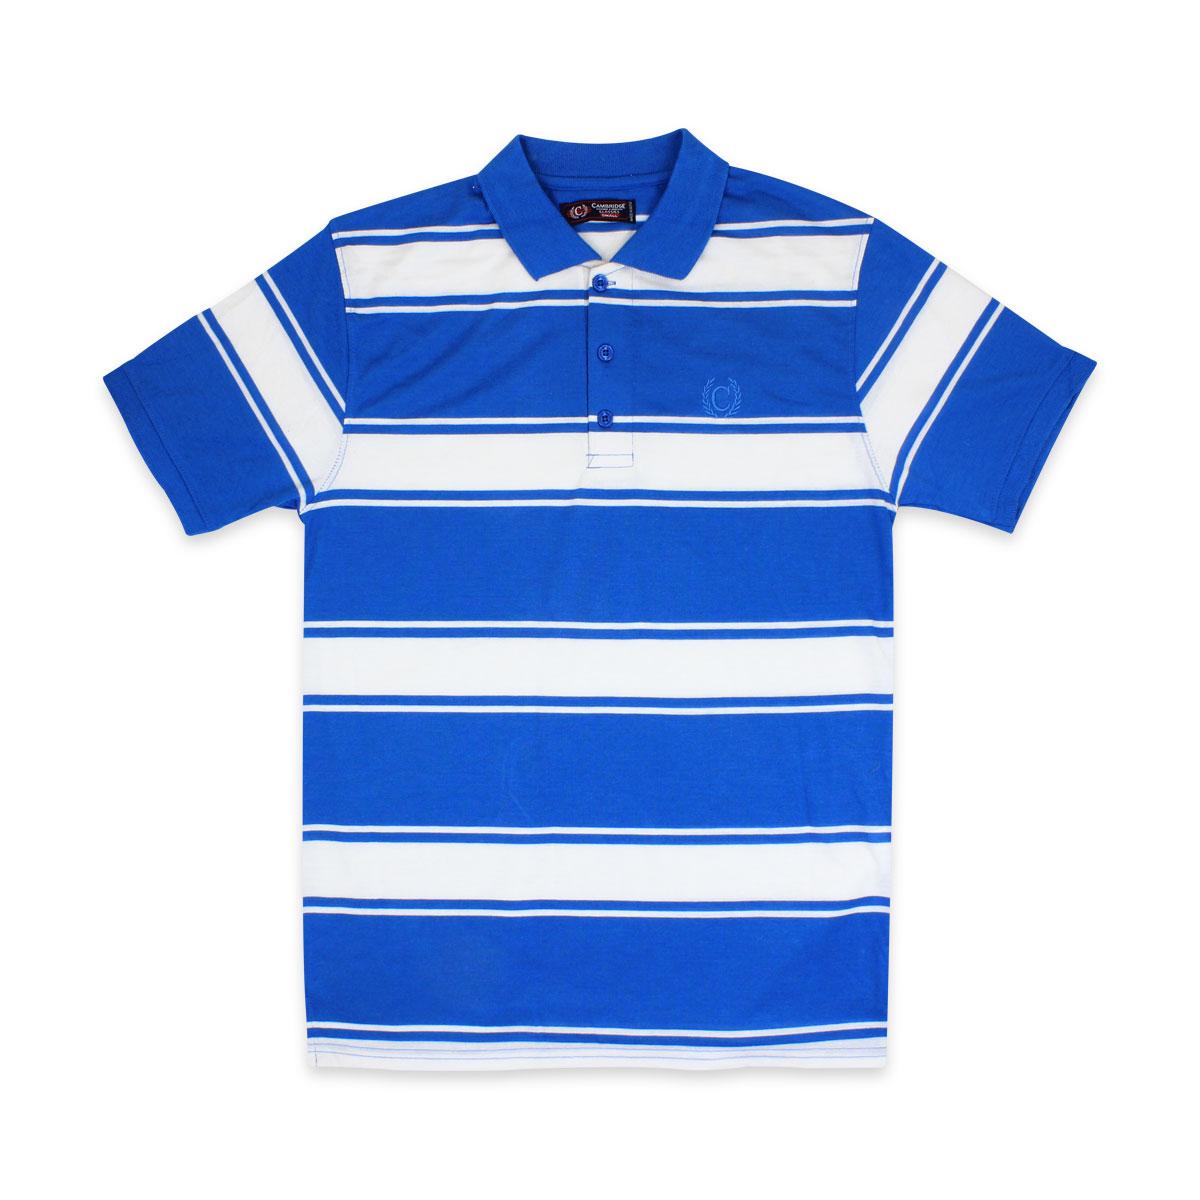 Camisas-Polo-Para-Hombre-A-Rayas-Pique-Con-Cuello-camiseta-Camiseta-Manga-Corta-De-Verano-S-M-L-XL miniatura 15